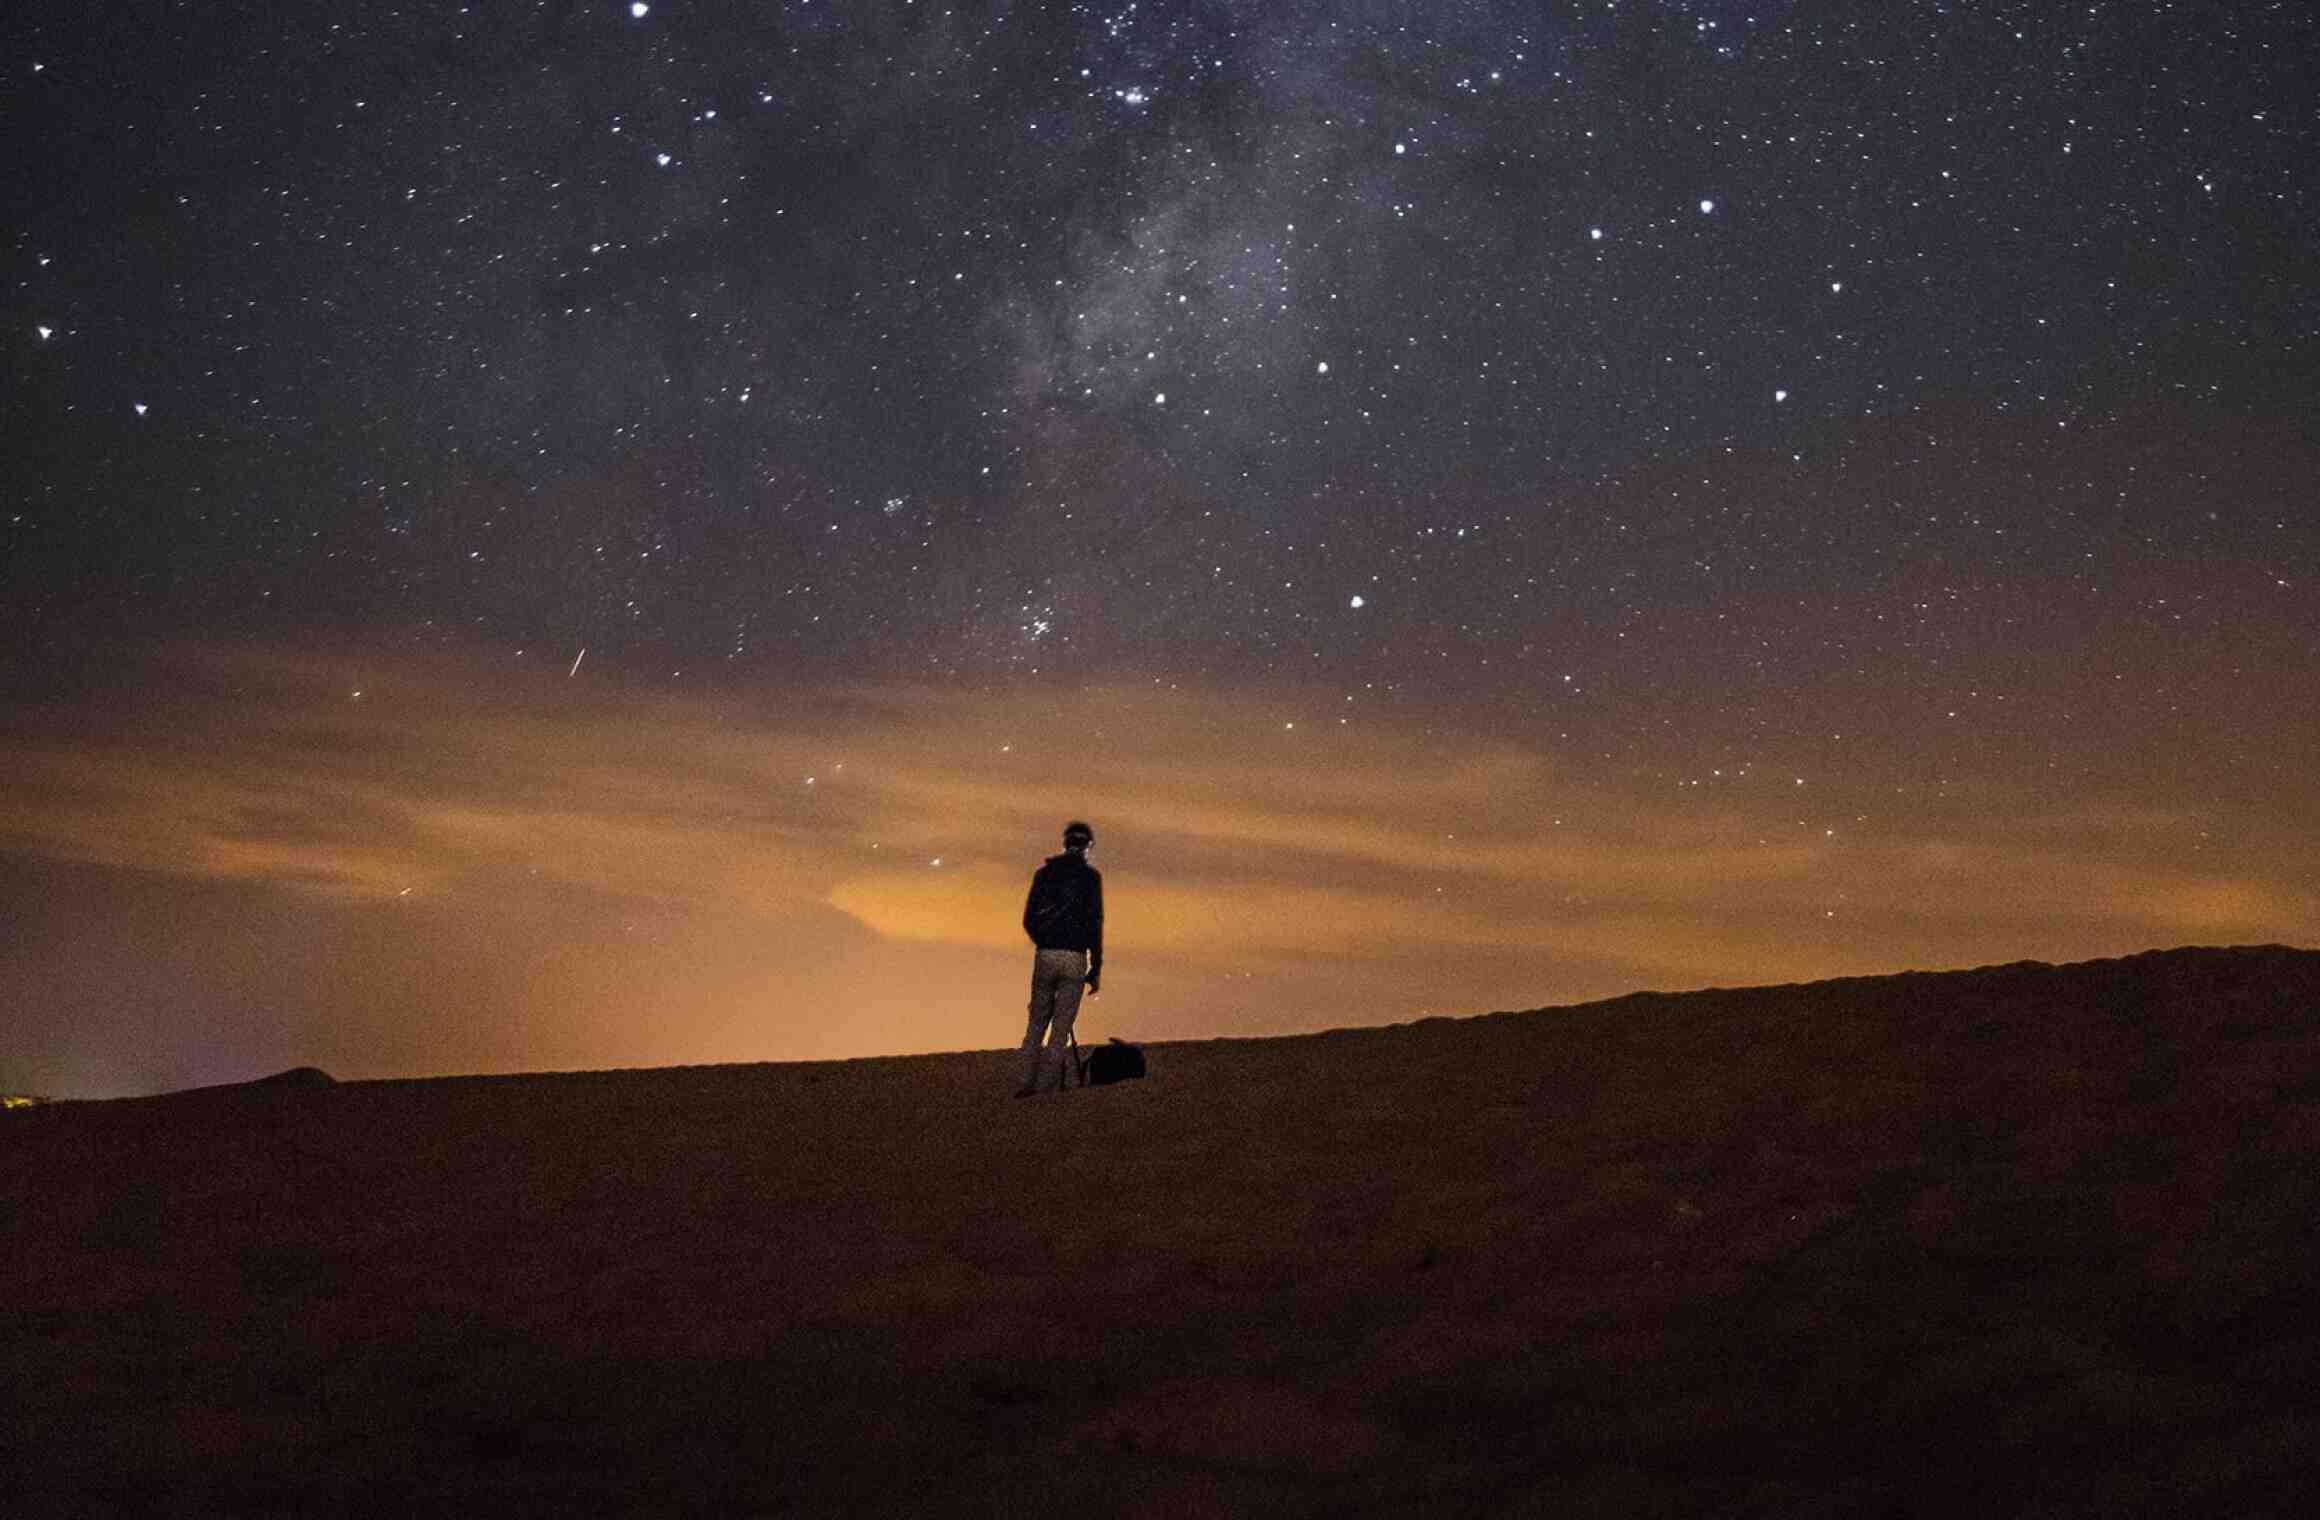 Comment prendre en photo les étoiles avec un smartphone ?